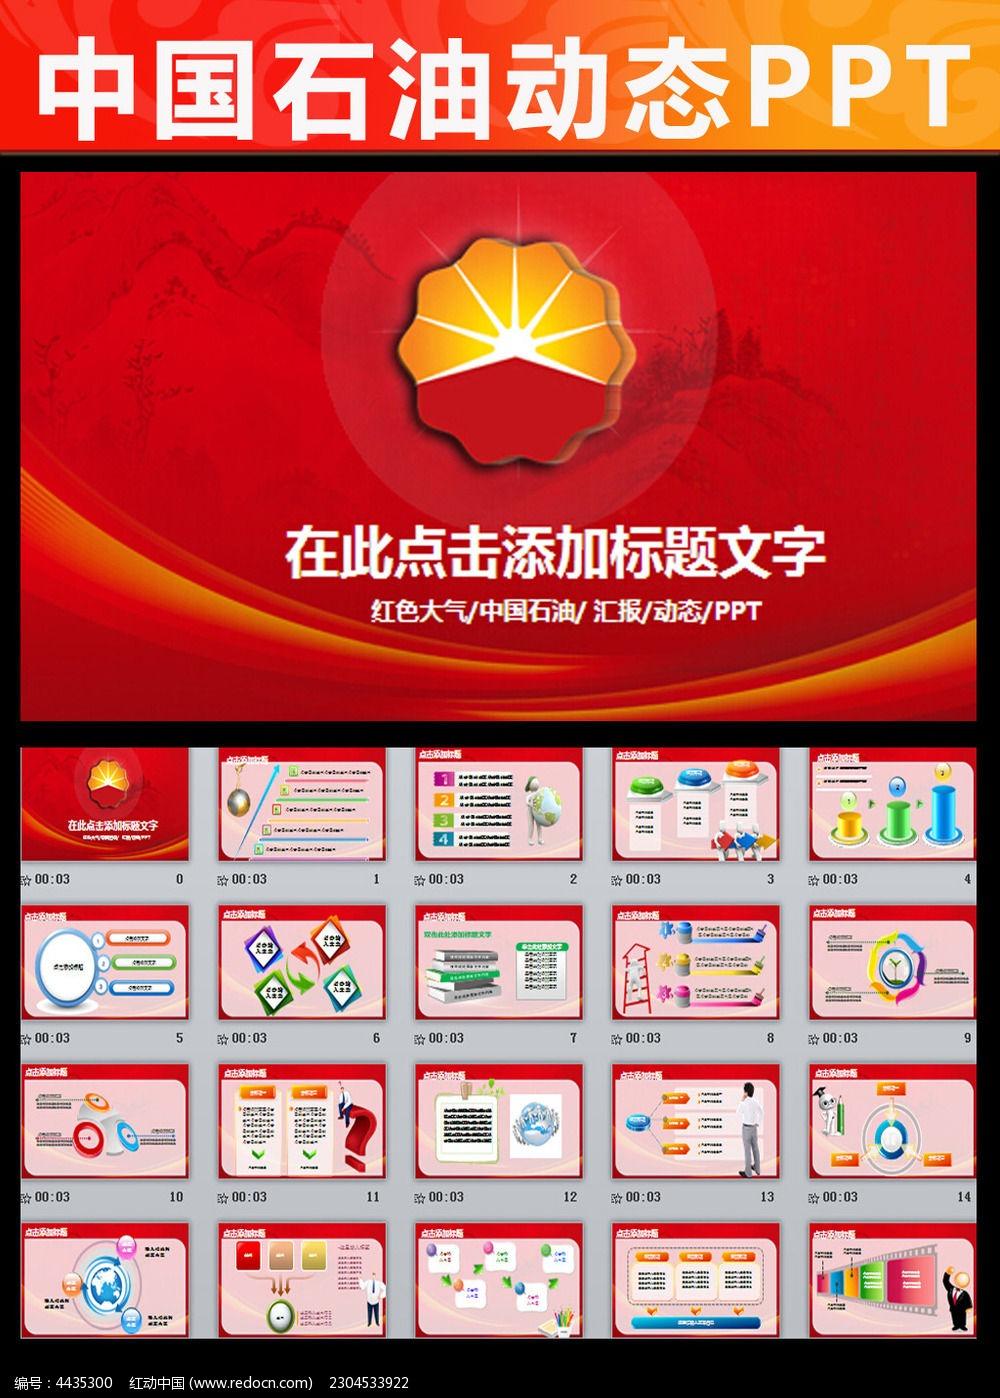 气集团公司动态ppt模板下载 大气中国石油天然气集团公司动态ppt图